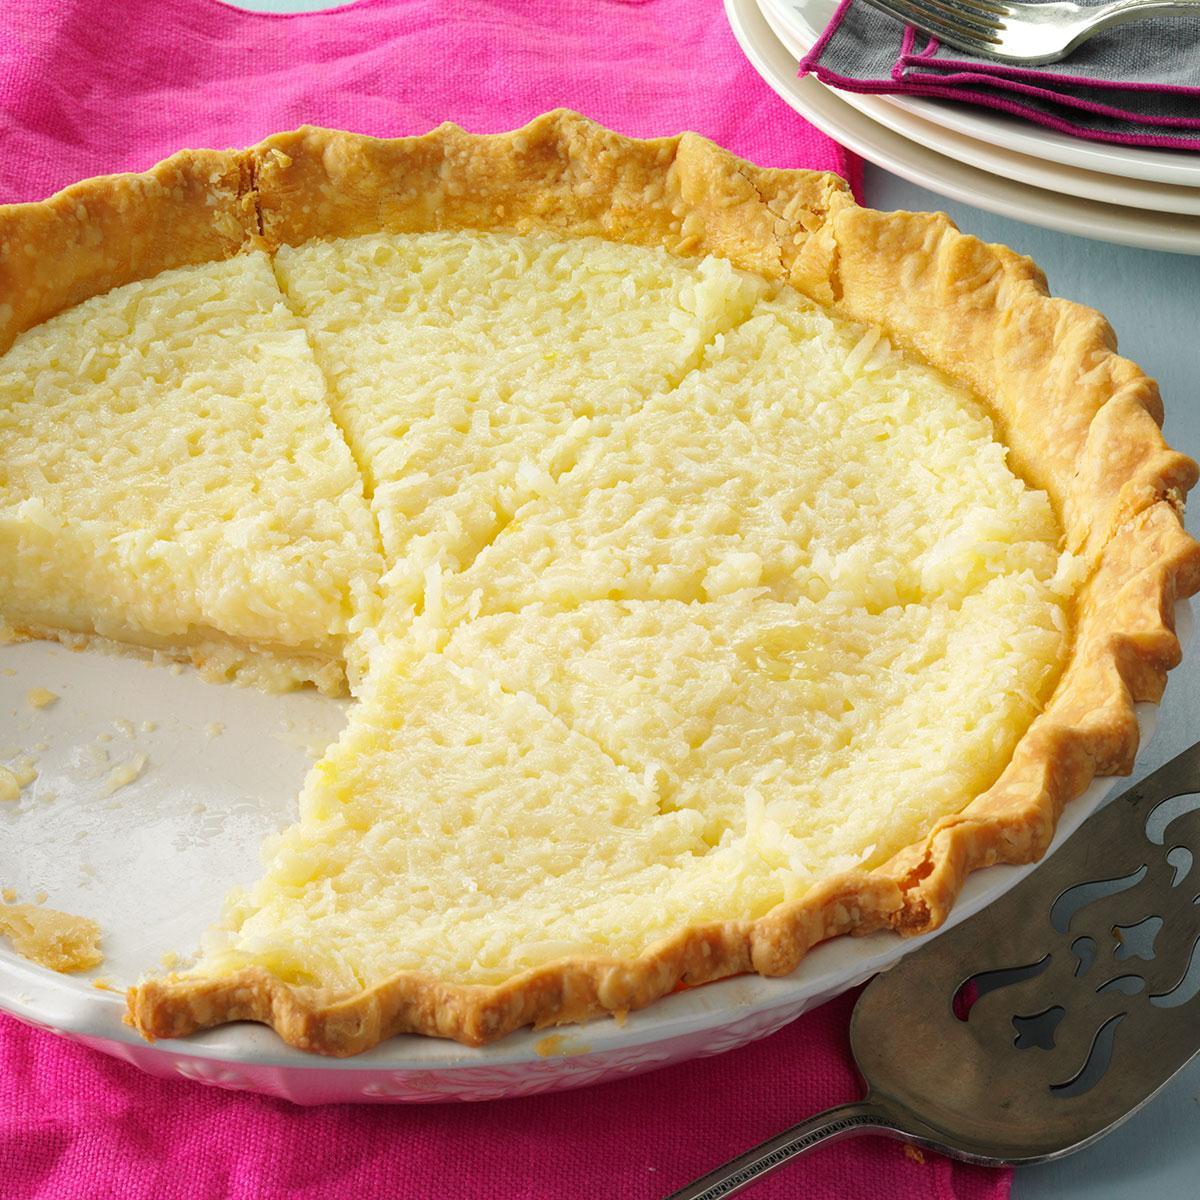 Shop Taste of Home - Best-Loved Pies